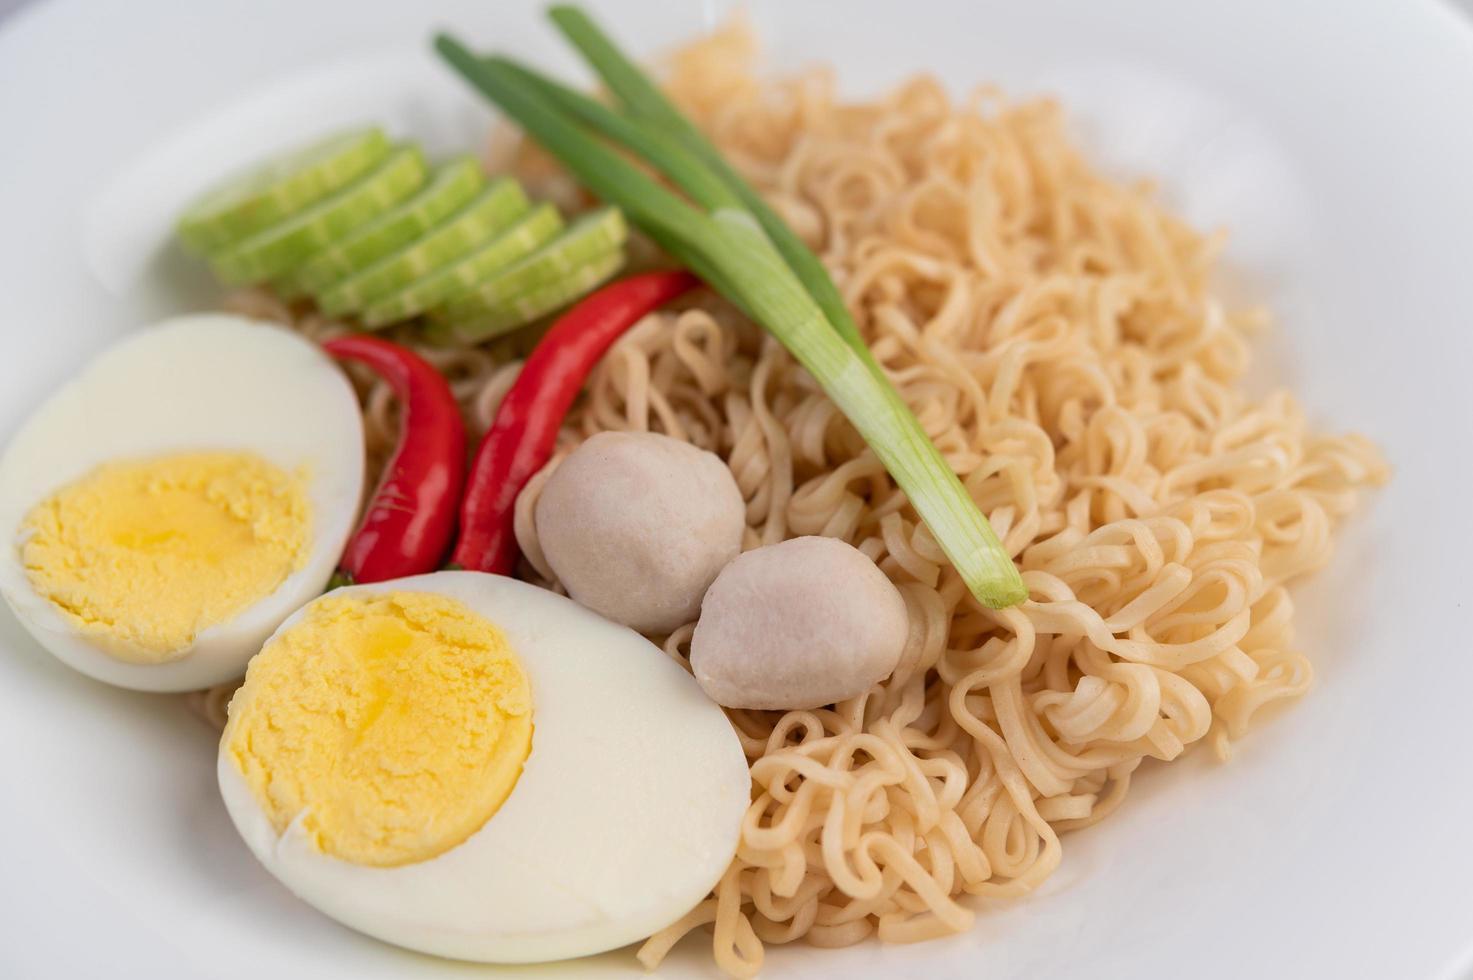 Nudeln mit gekochten Eiern und Gemüse foto